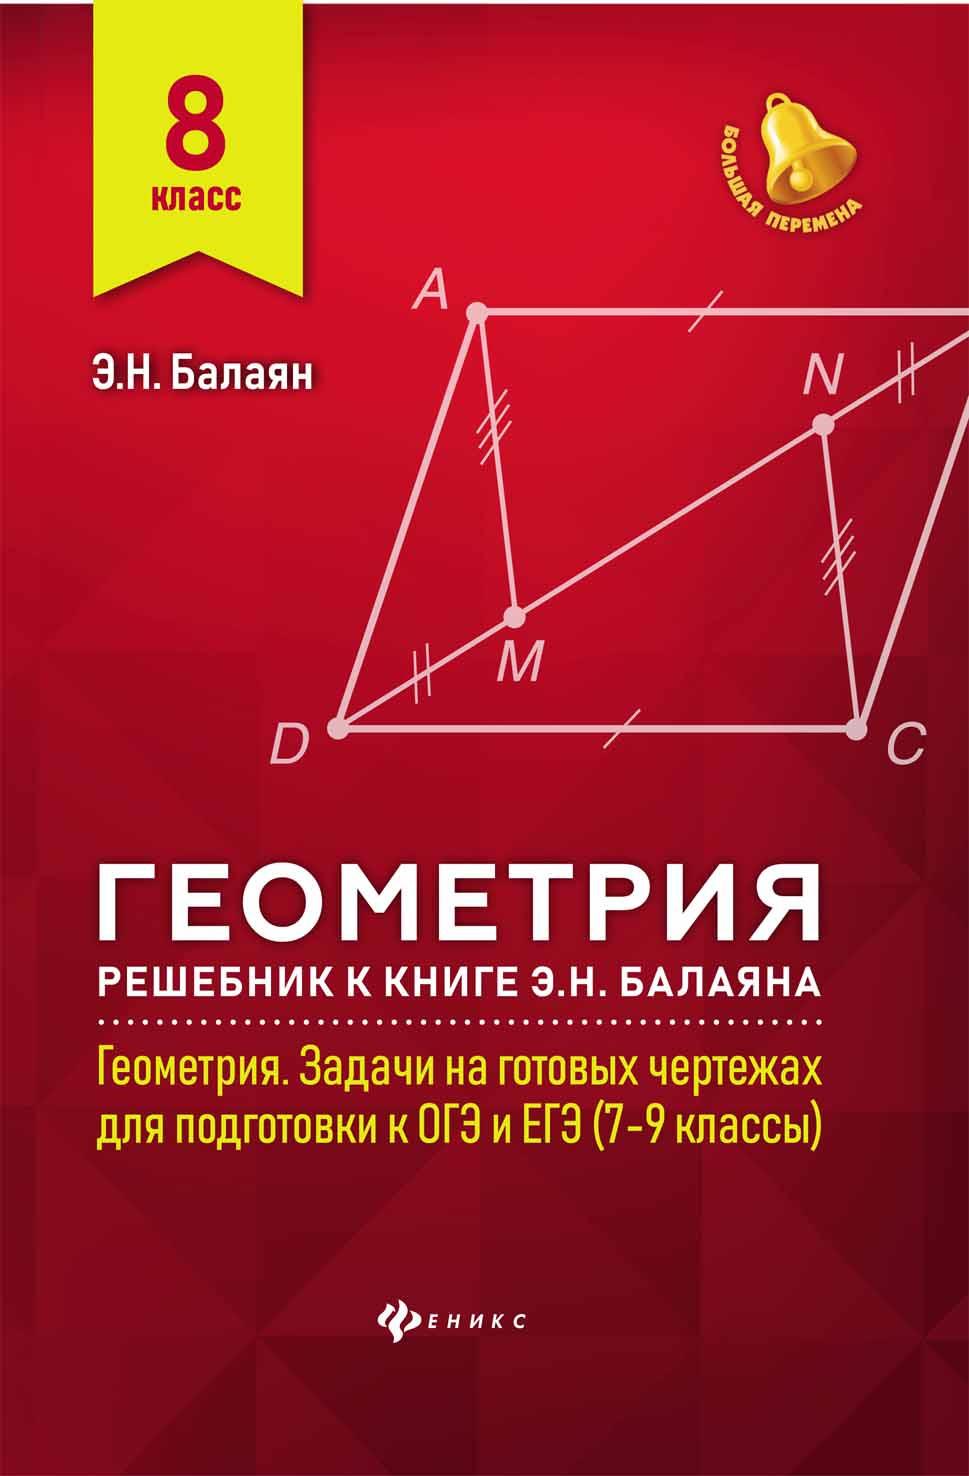 Э. Н. Балаян Геометрия. 8 класс. Решебник к книге Э.Н. Балаяна Геометрия. Задачи на готовых чертежах для подготовки к ОГЭ и ЕГЭ. 7-9 классы балаян э геометрия 9 класс решебник к книге э н балаяна геометрия задачи на готовых чертежах для подготовки к огэ и егэ 7 9 классы